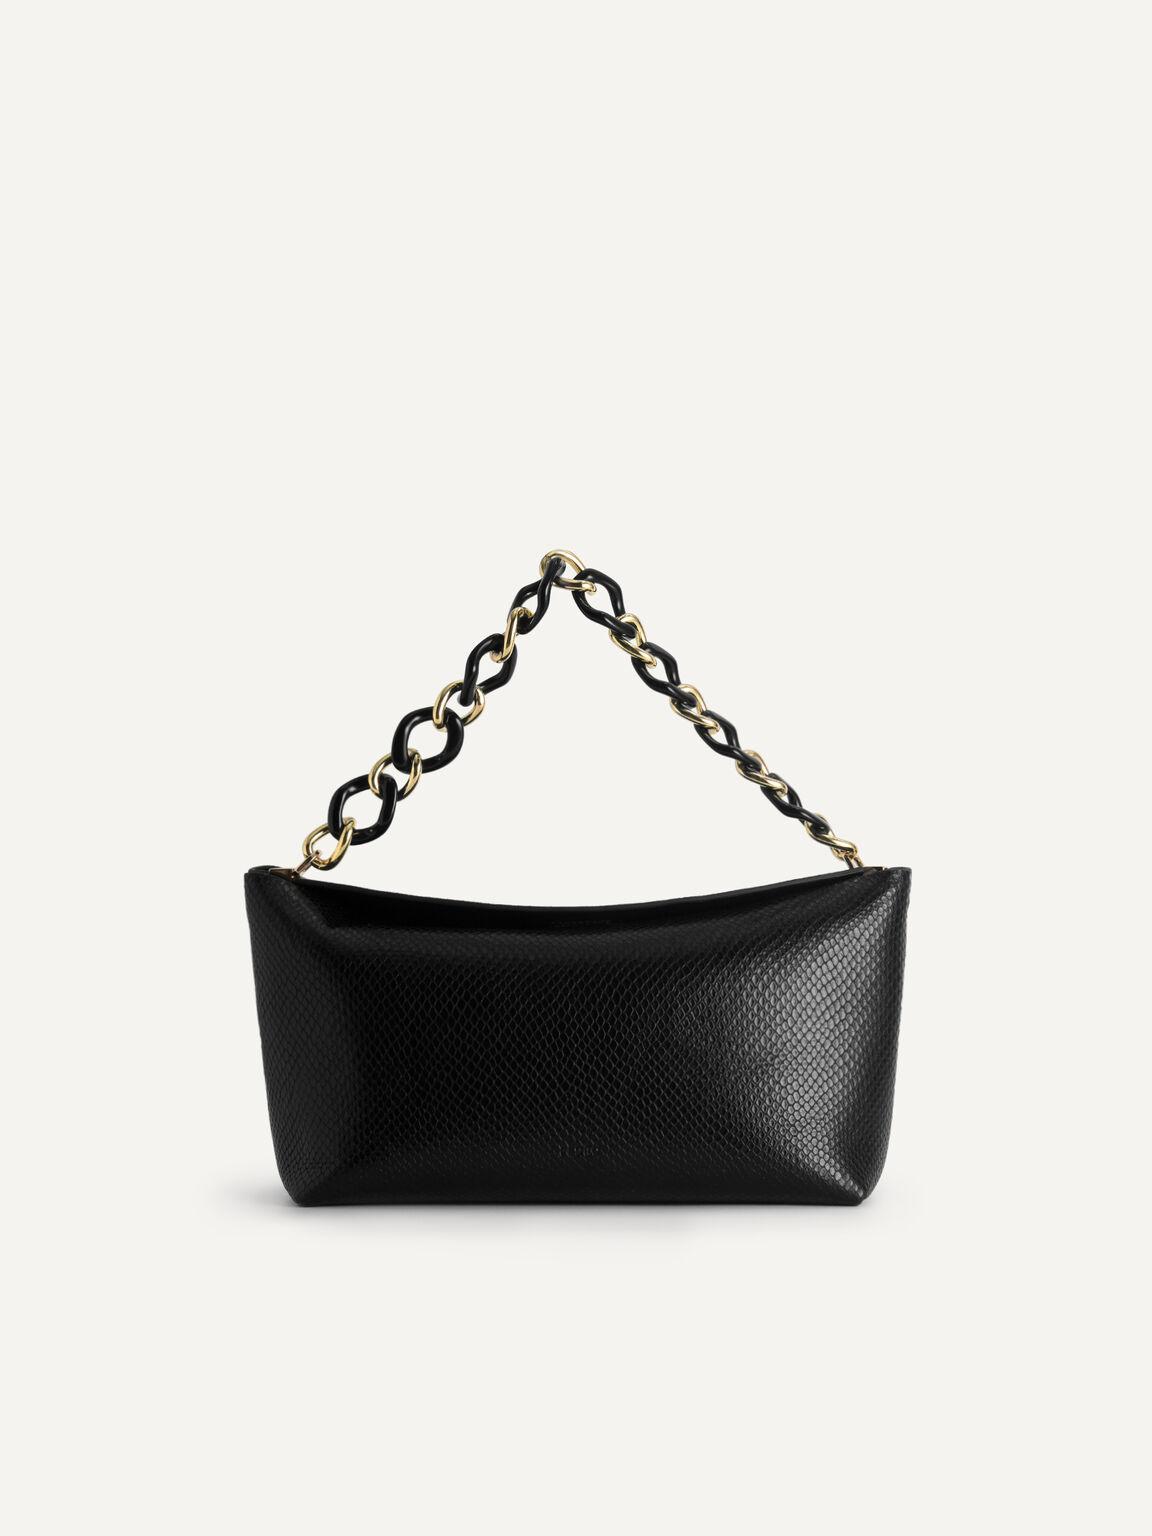 Snake-Effect Leather Hobo Top Handle Bag, Black, hi-res